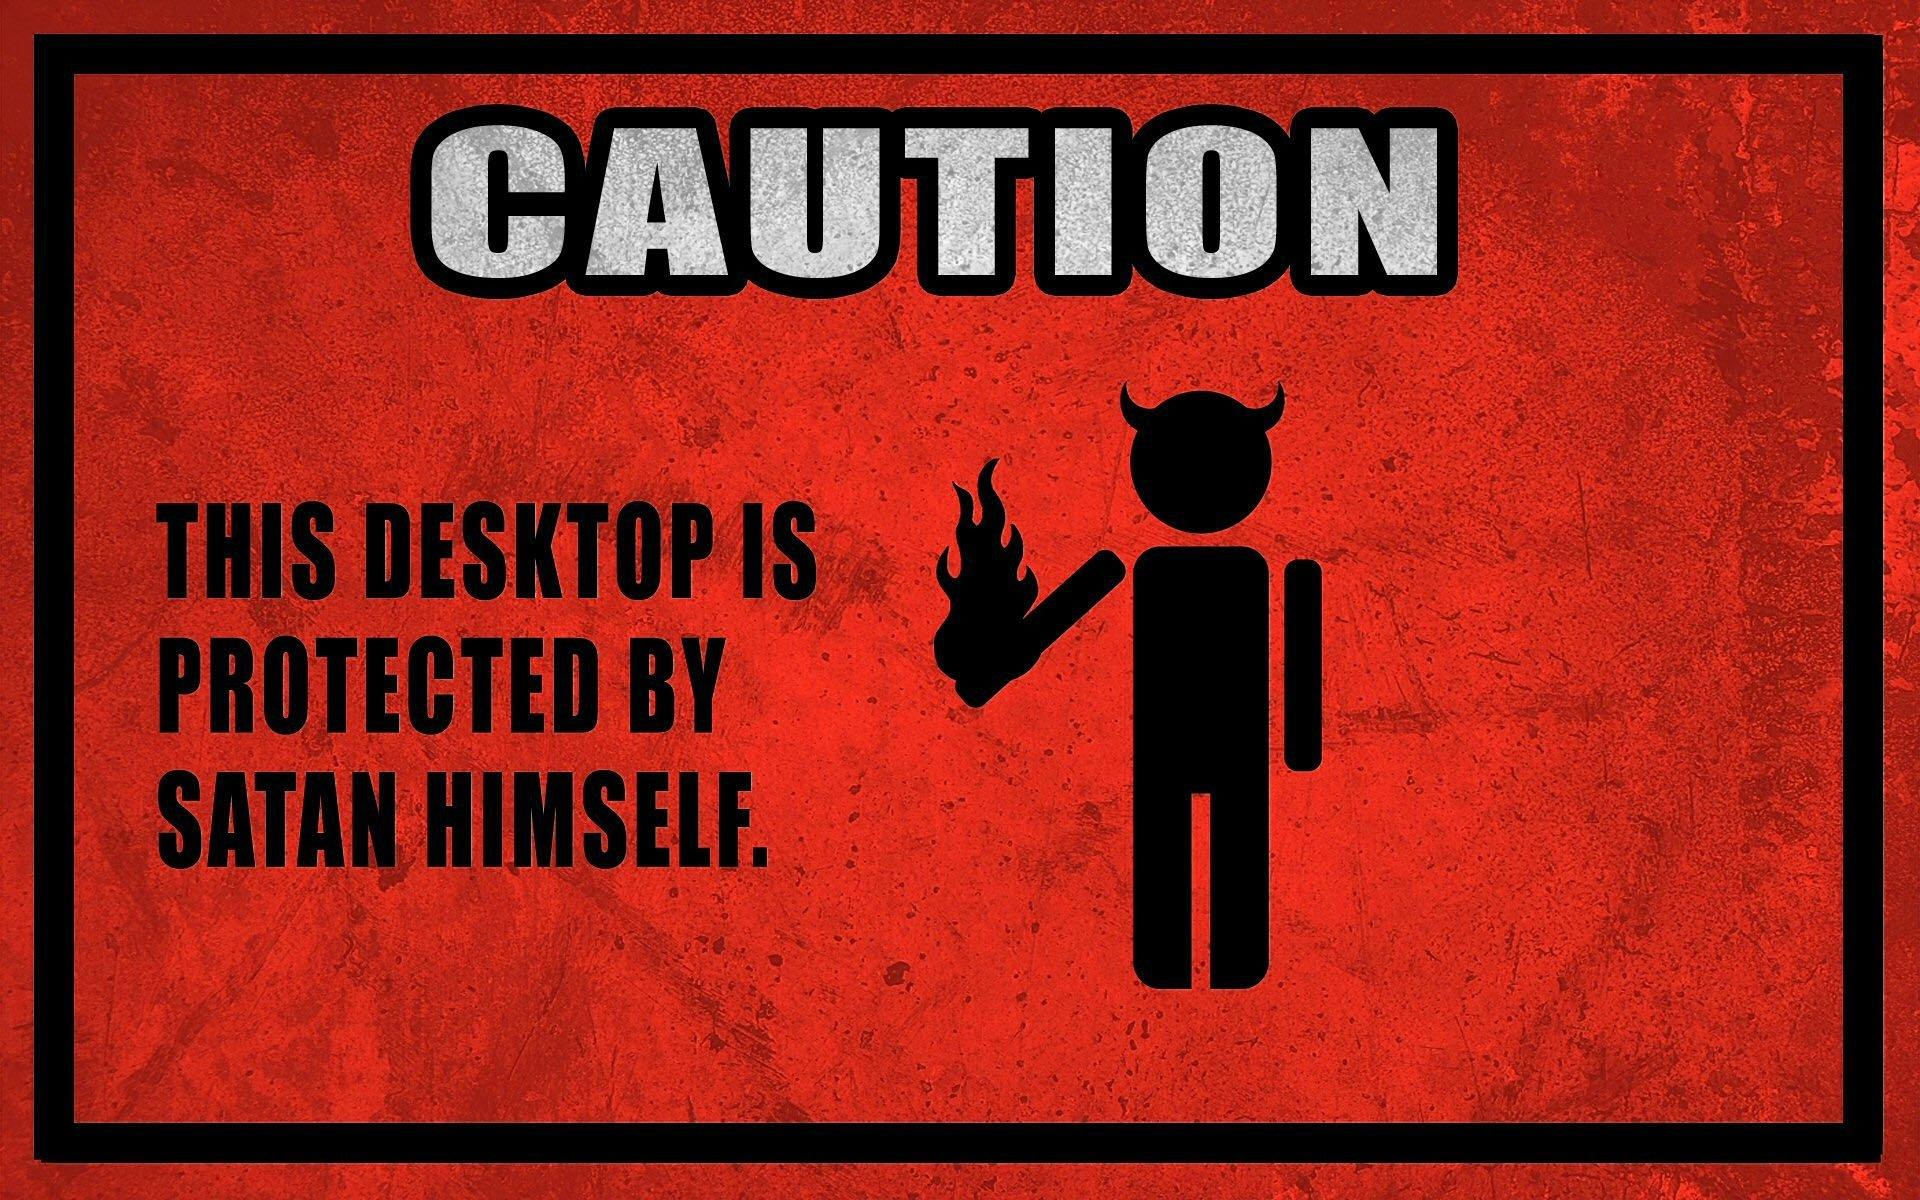 Wallpaper 1920x1200 Px Dark Demon Desktop Evil Funny Humor